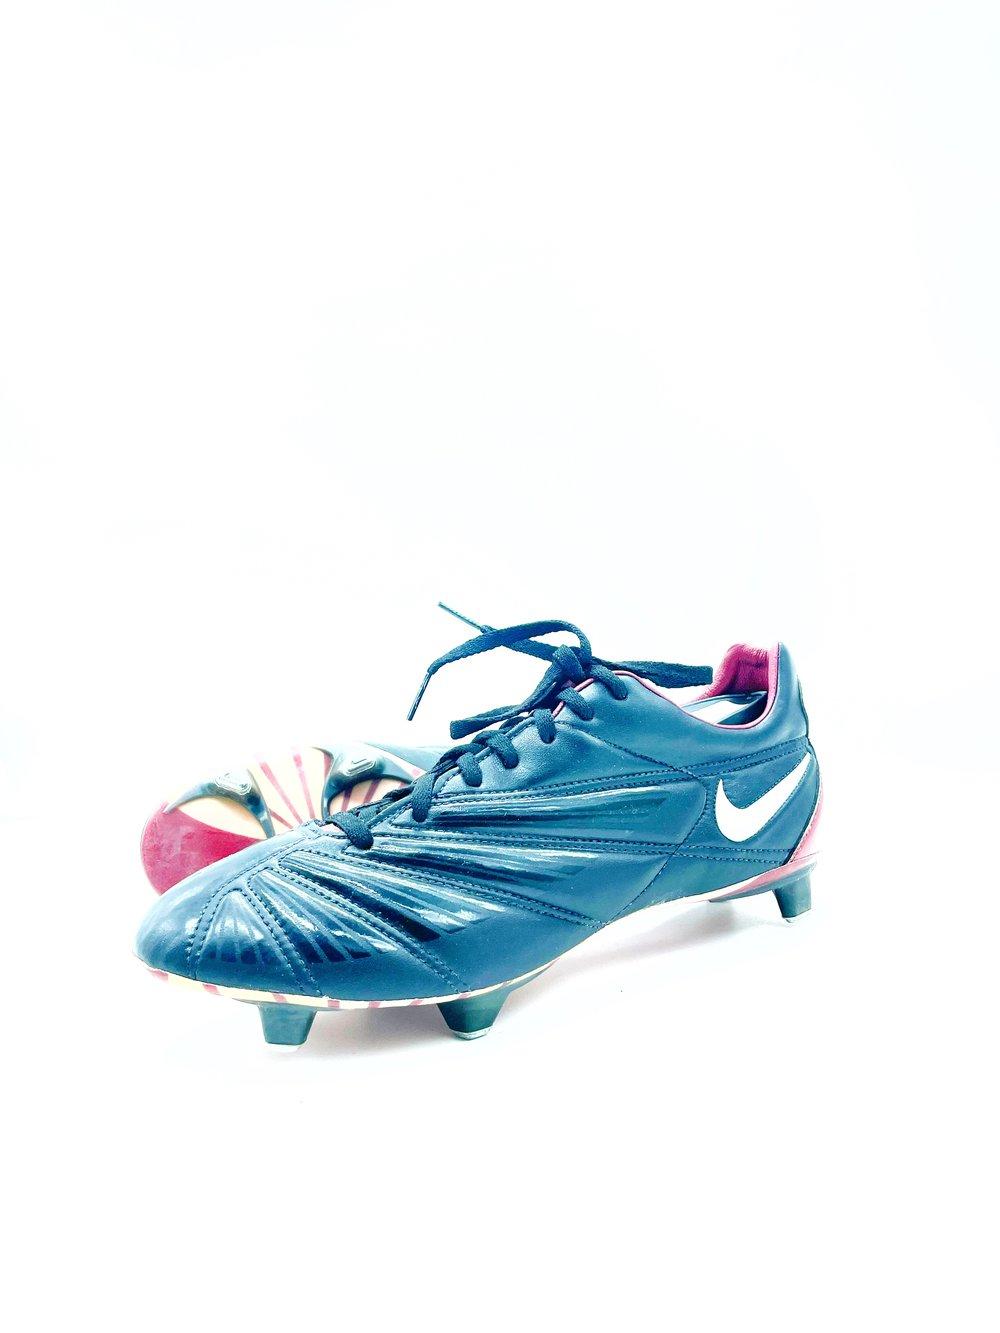 Image of Nike Mercurial SG